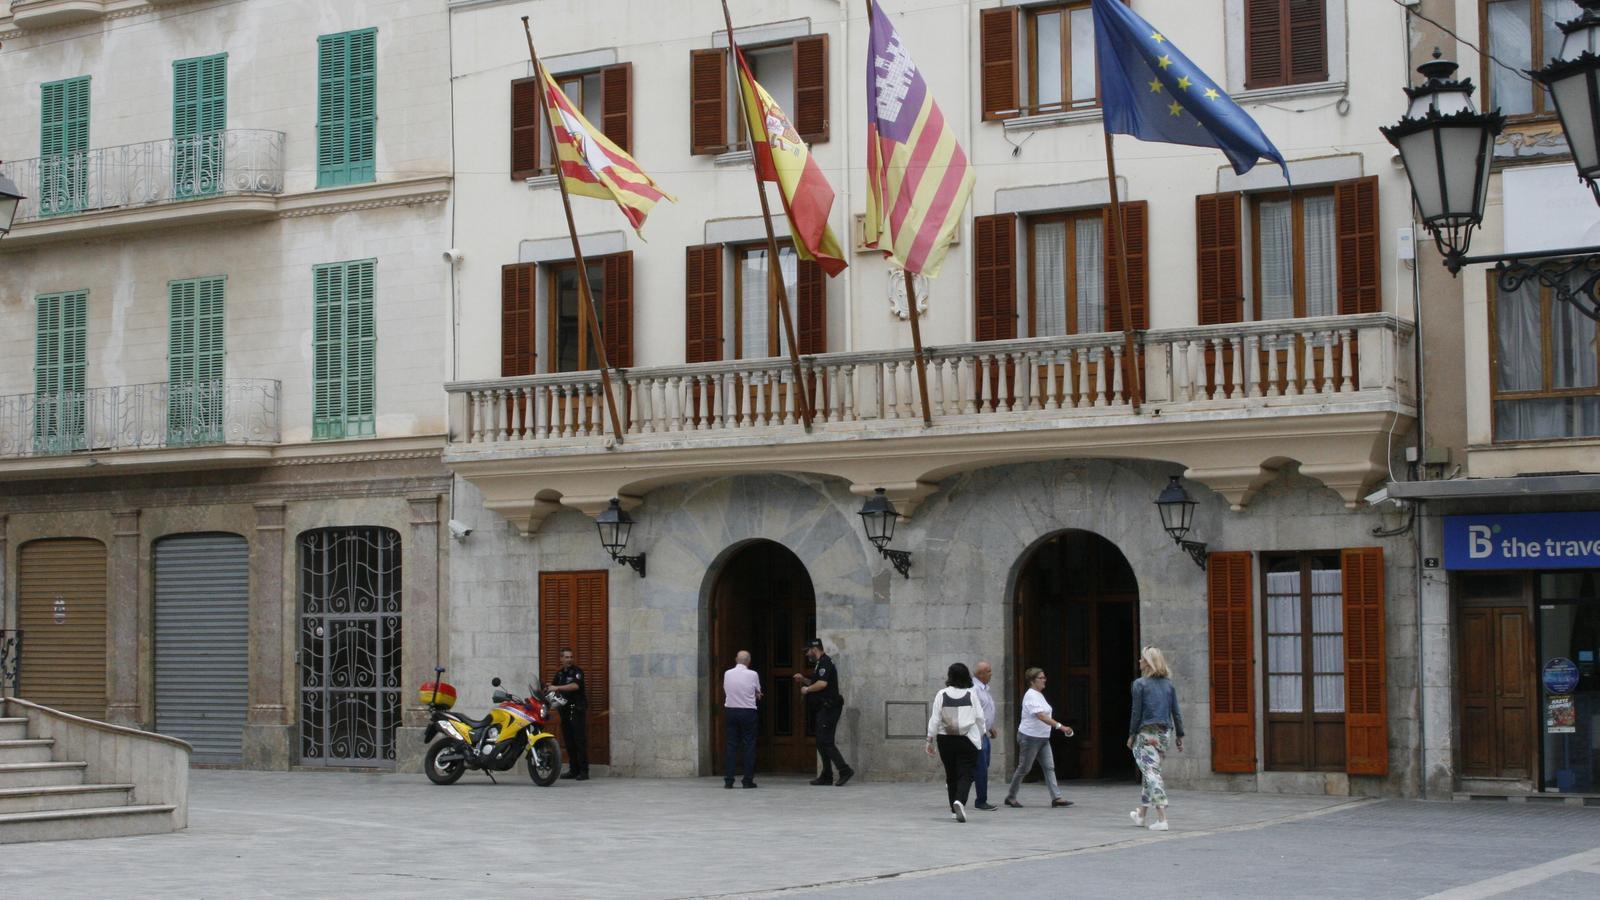 L'Ajuntament d'Inca promou l'aprenentatge combinat amb treball específic.